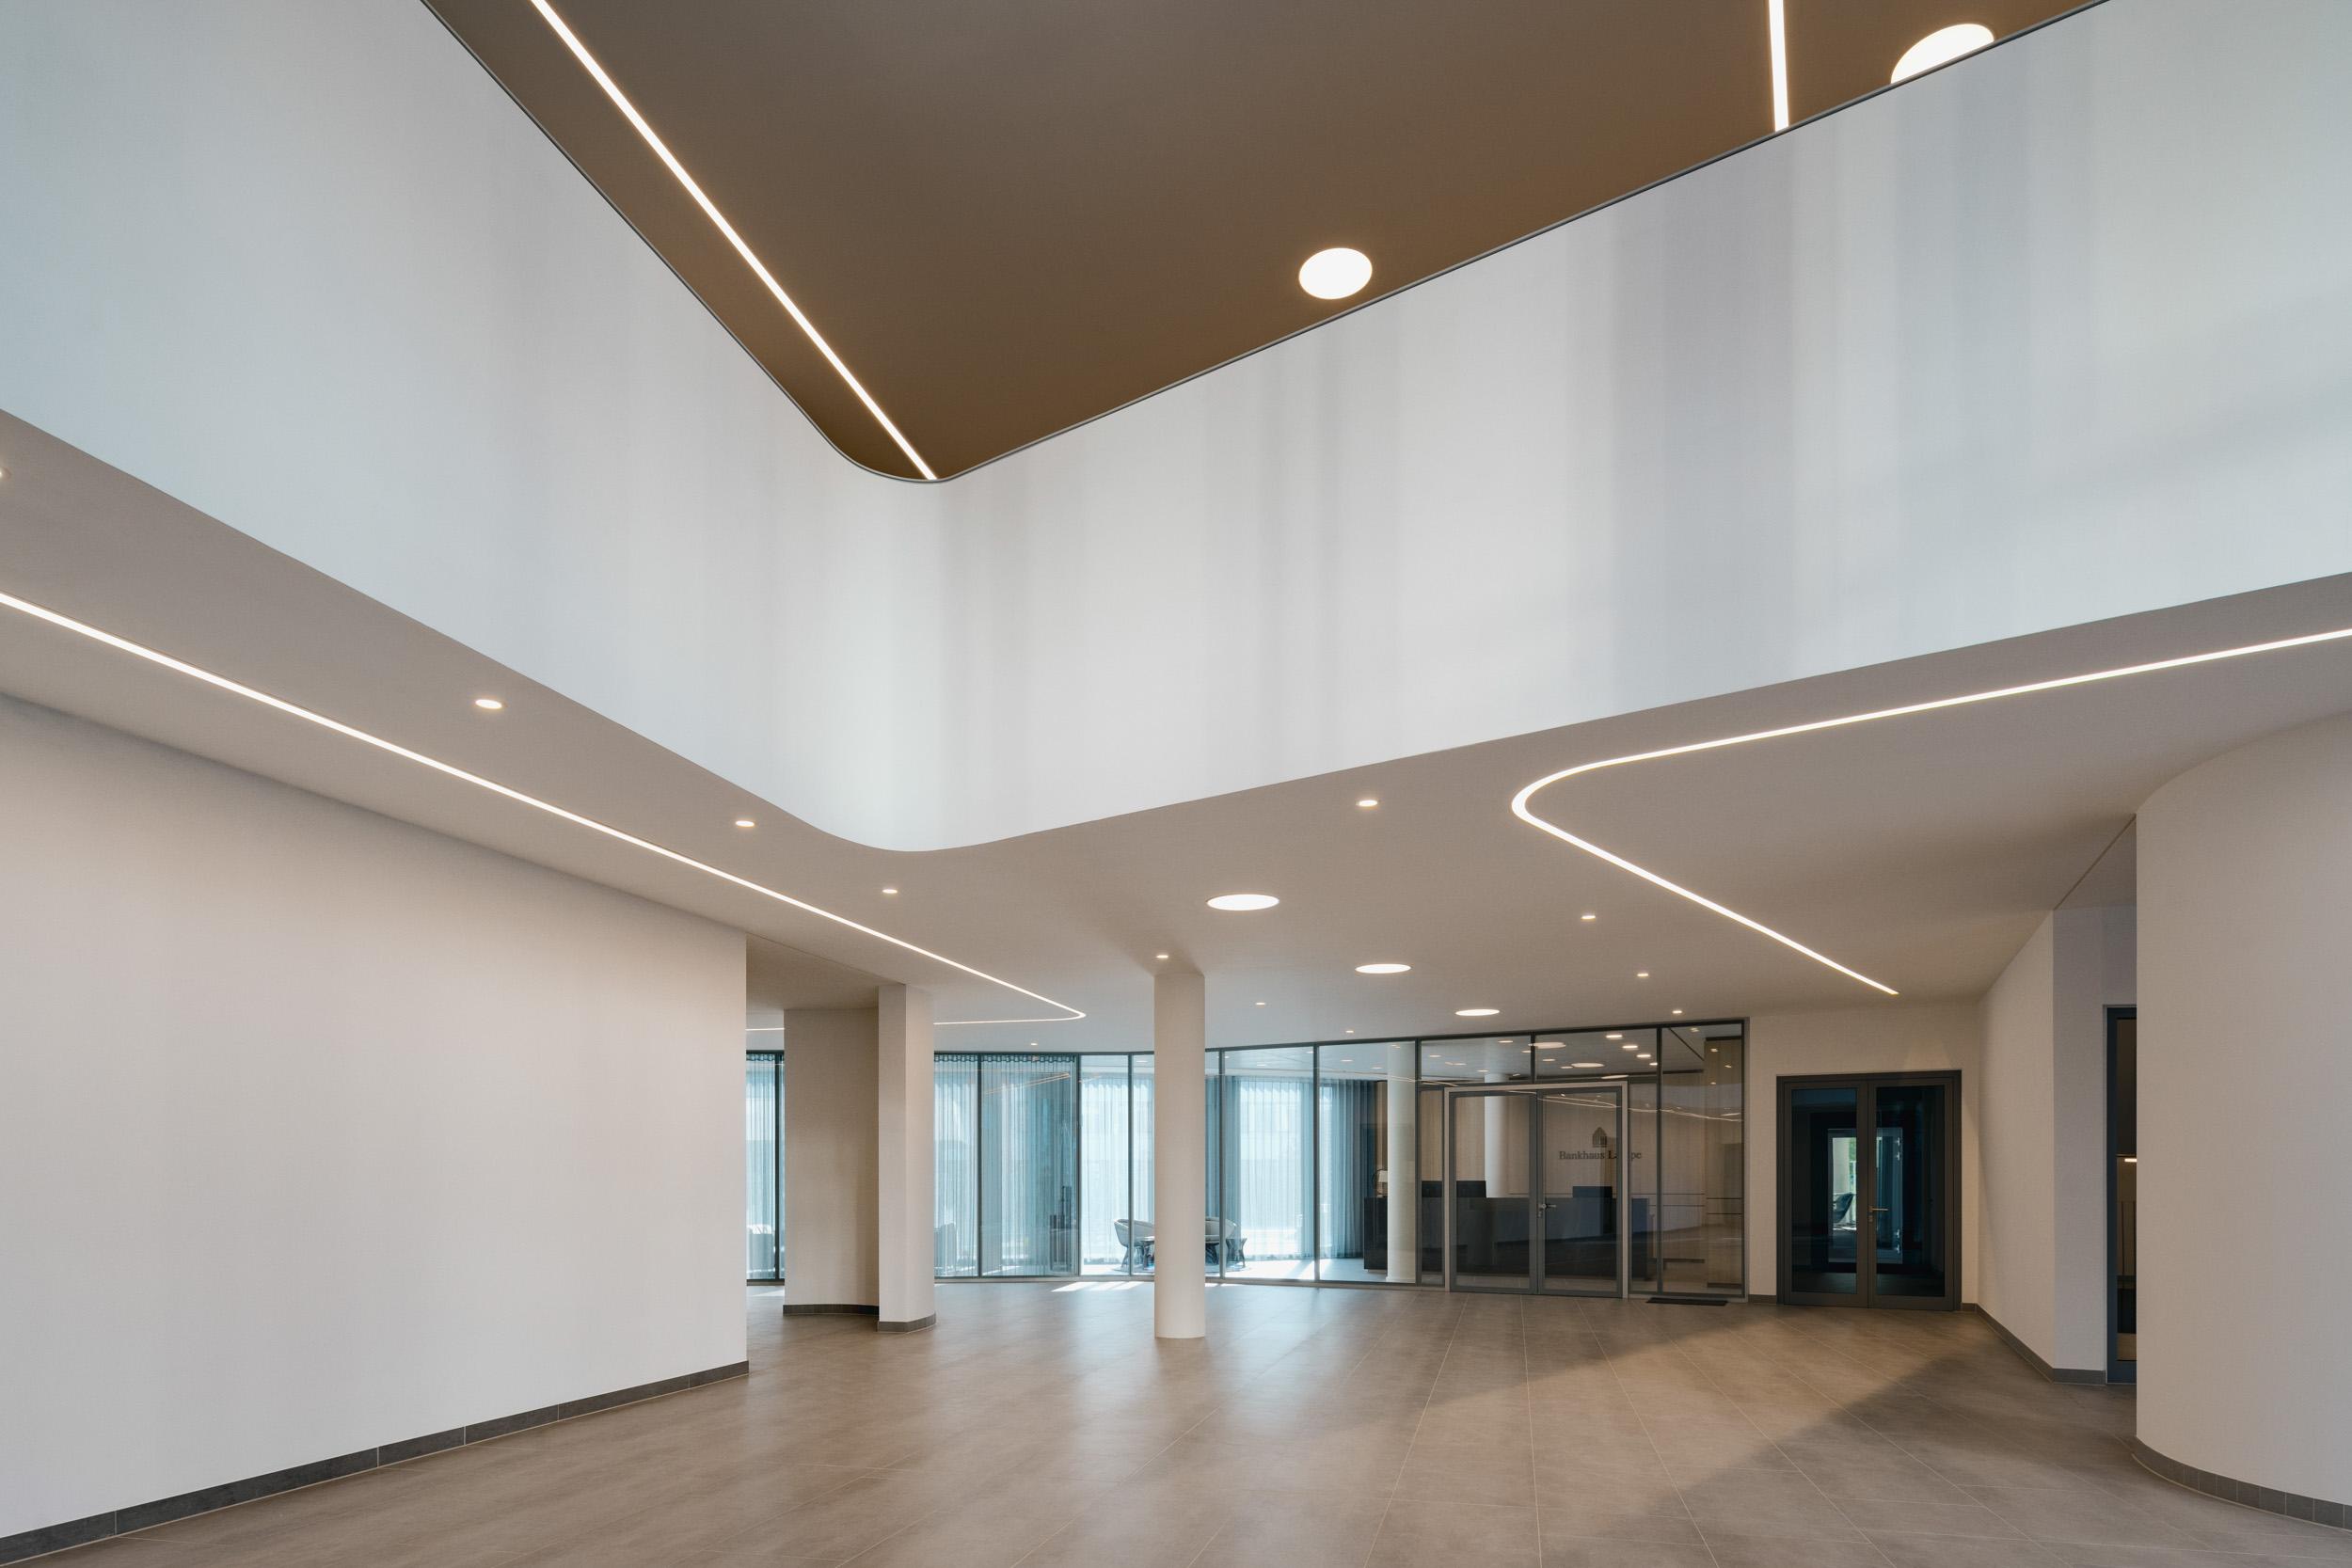 Gustav-Epple-Bauunternehmung-Infinity-Düsseldoef-Schwannstrasse-Architektur-Büro_MLX5577